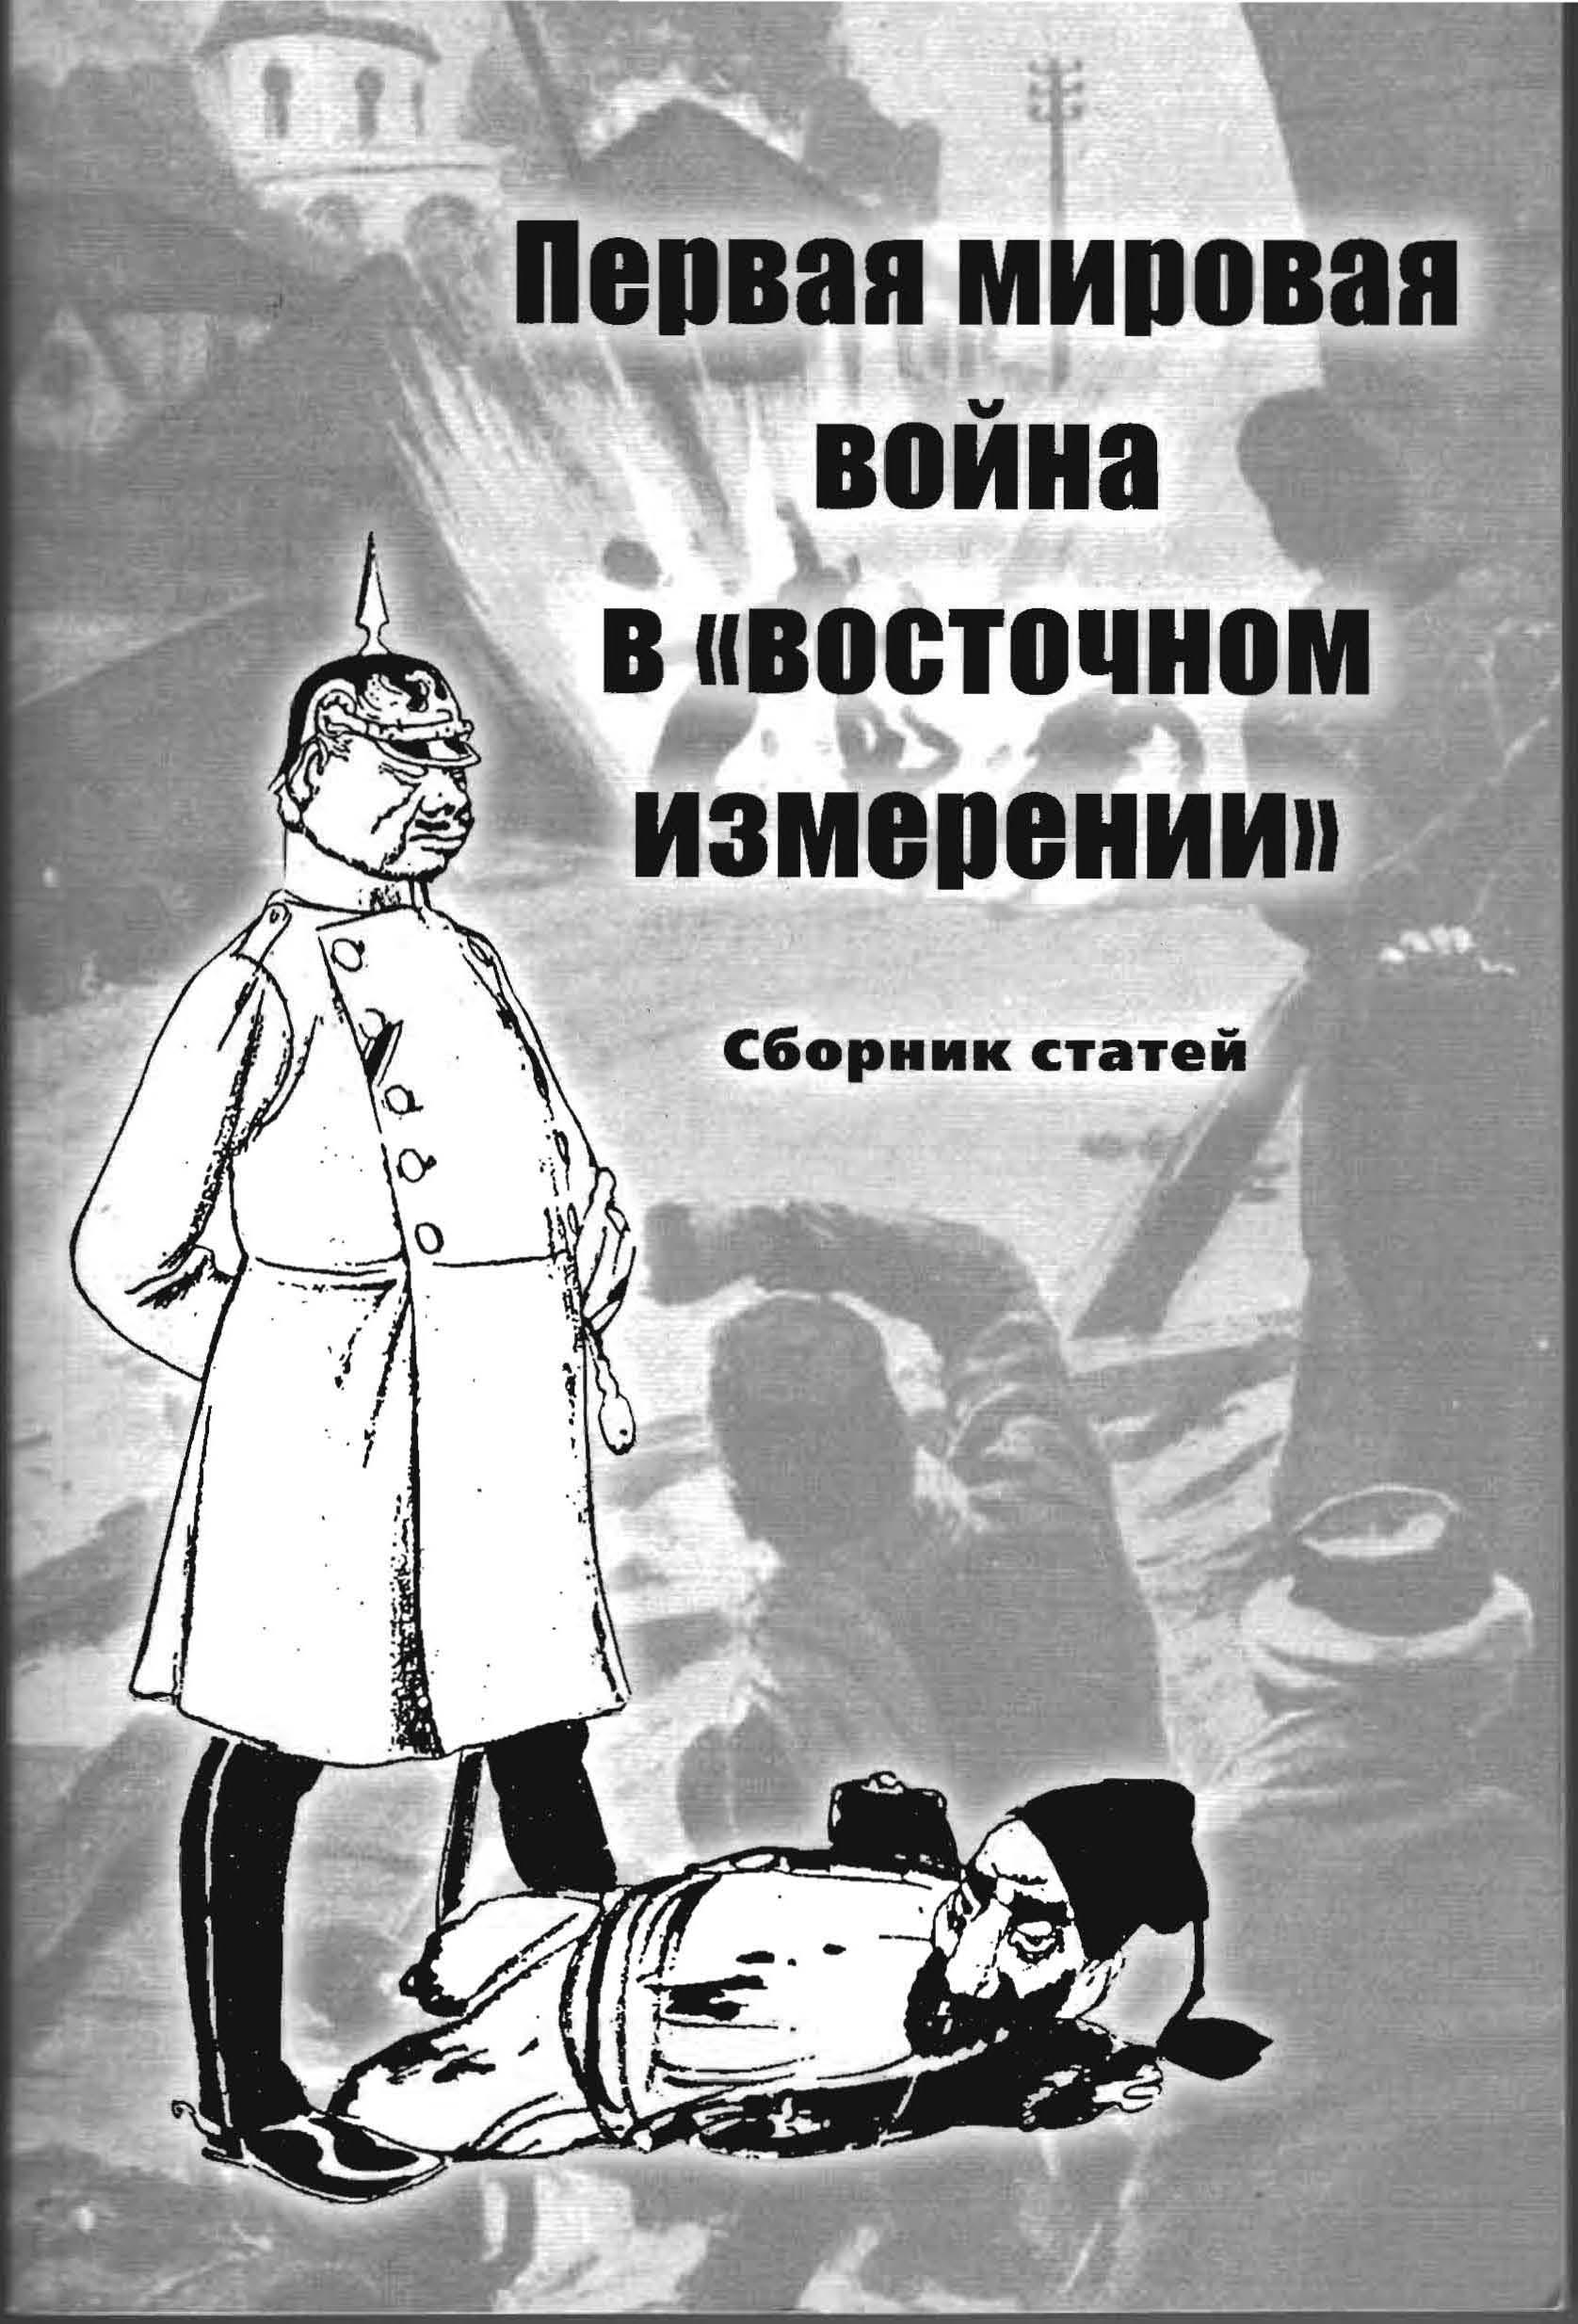 """Первая мировая война в """"восточном измерении"""": сборник статей"""